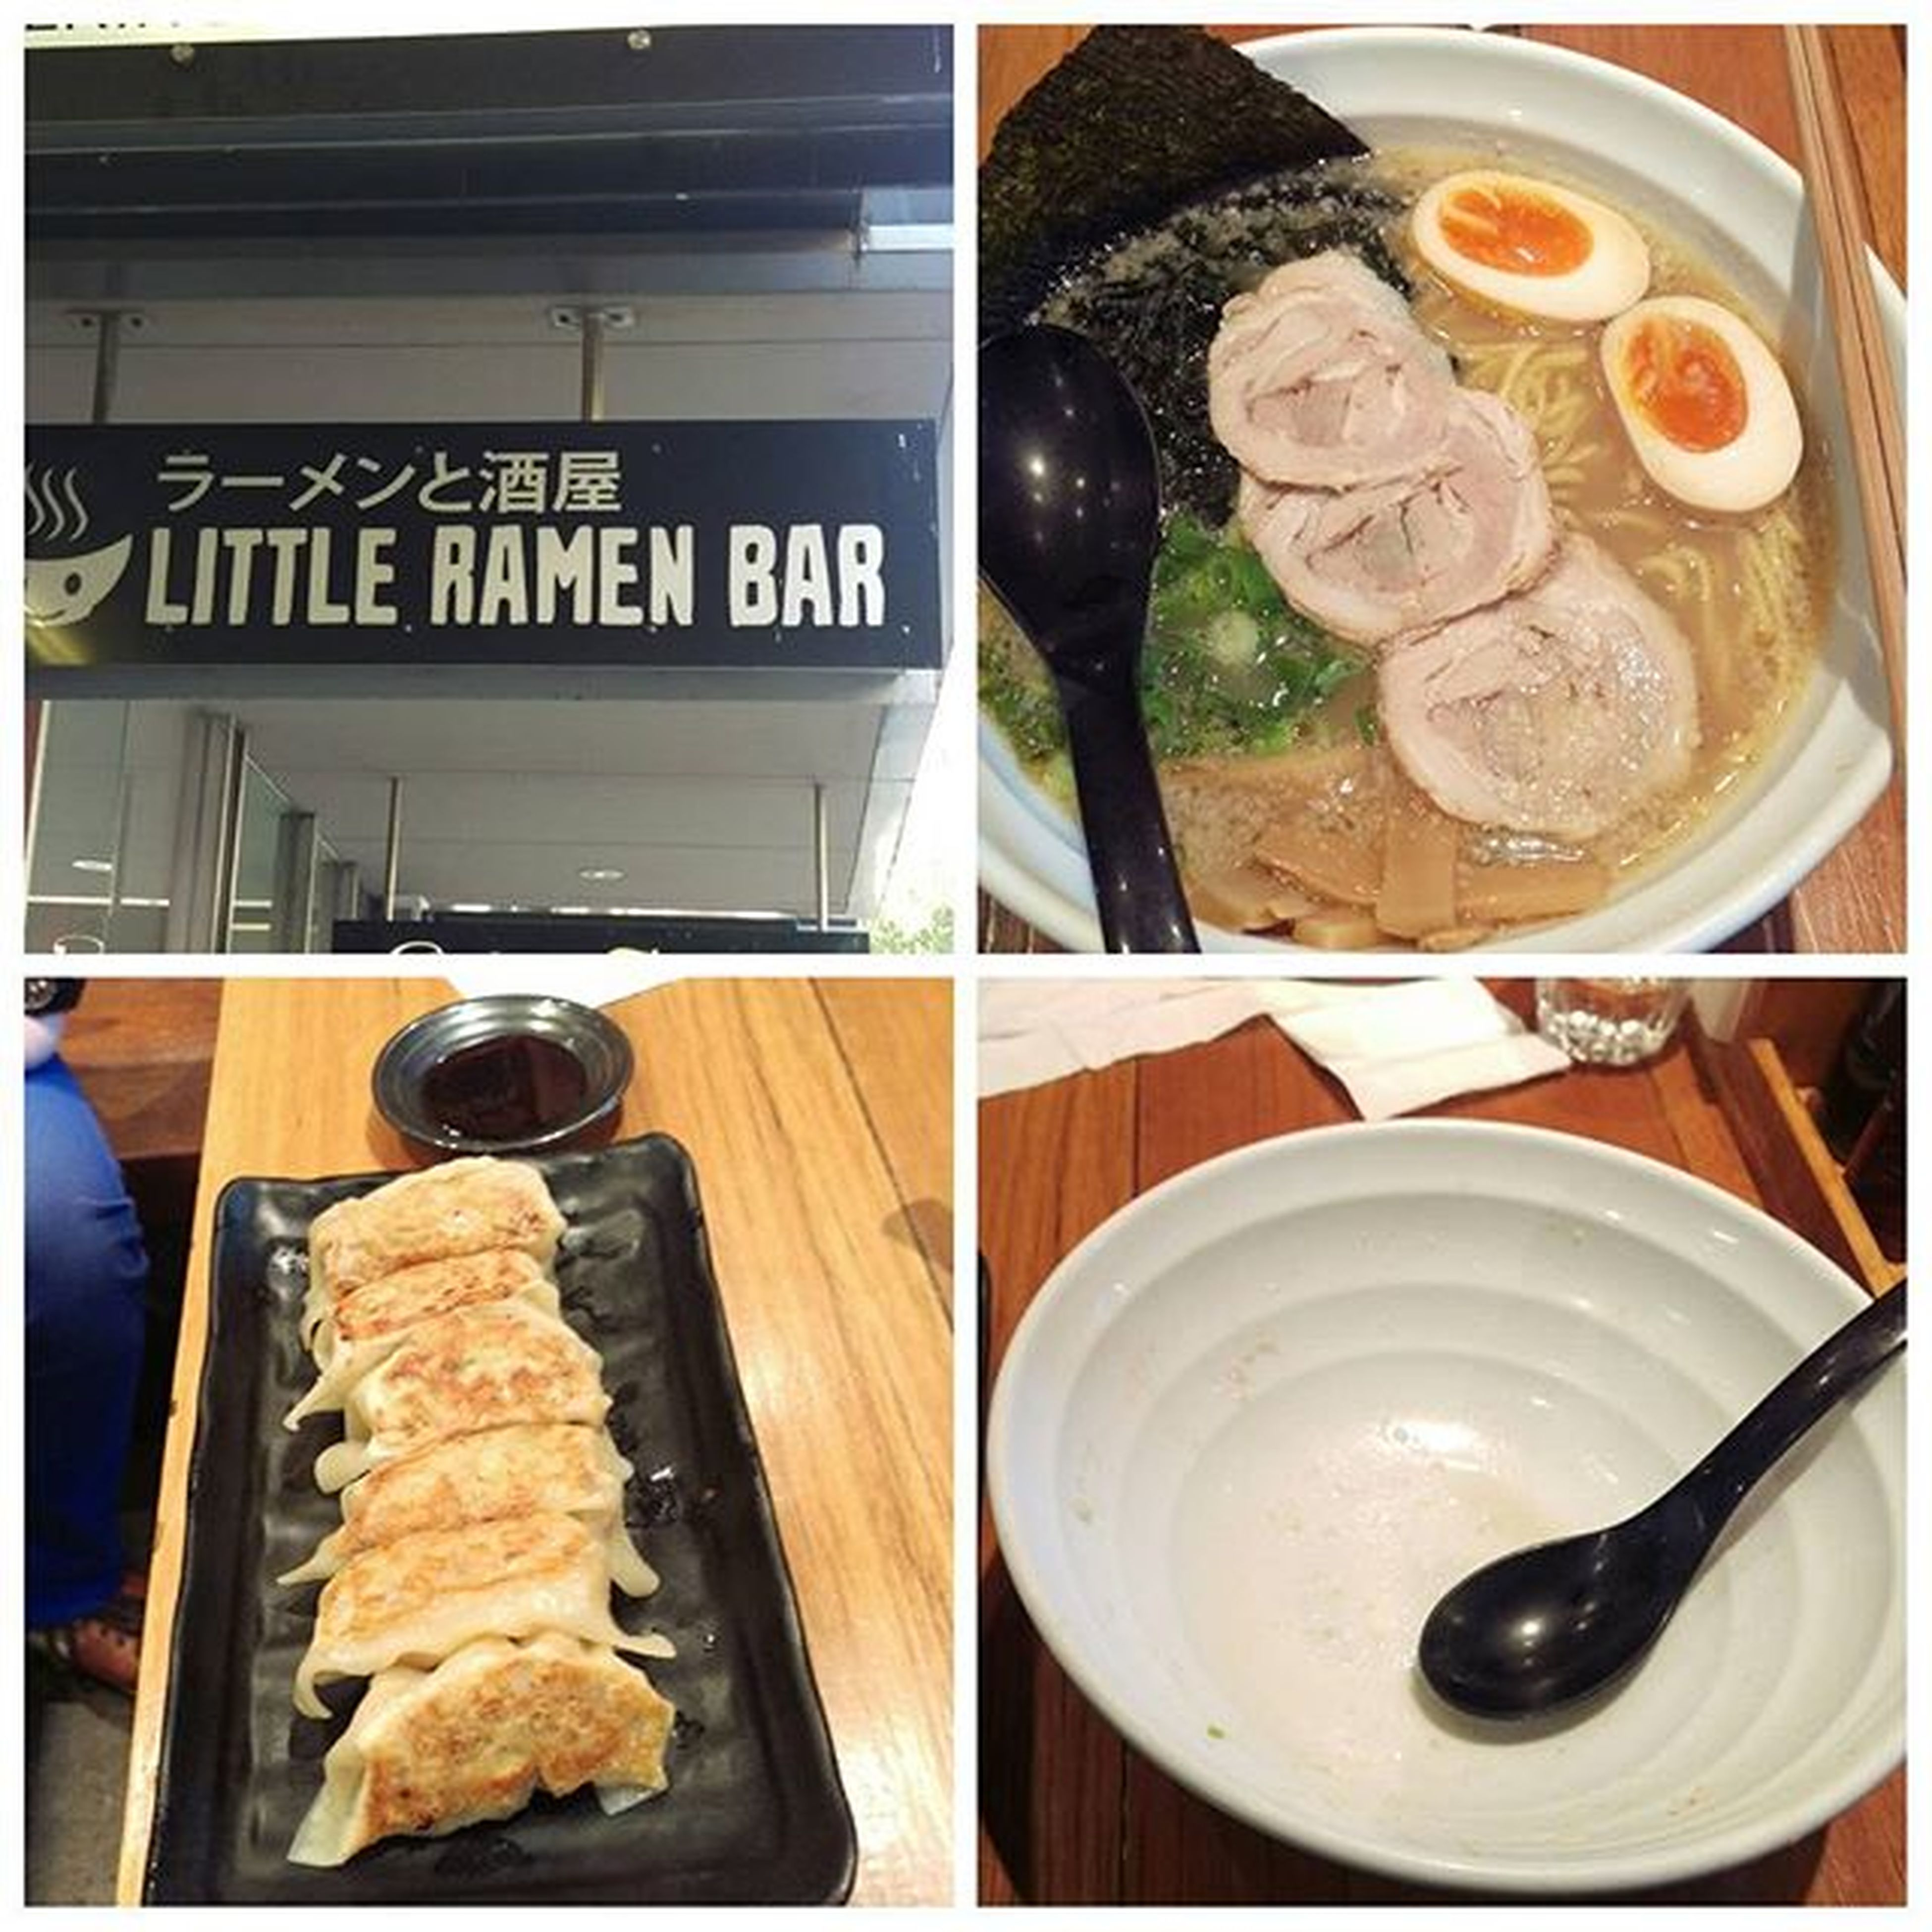 今天來吃一家在墨爾本小有名氣的日本拉麵店,Little Ramen Bar,點了豚骨拉麵加蔬菜餃子,還不錯吃,湯頭蠻濃郁,餃子的皮也薄,餡也紮實,值得來吃看看Littleramenbar Melbourne